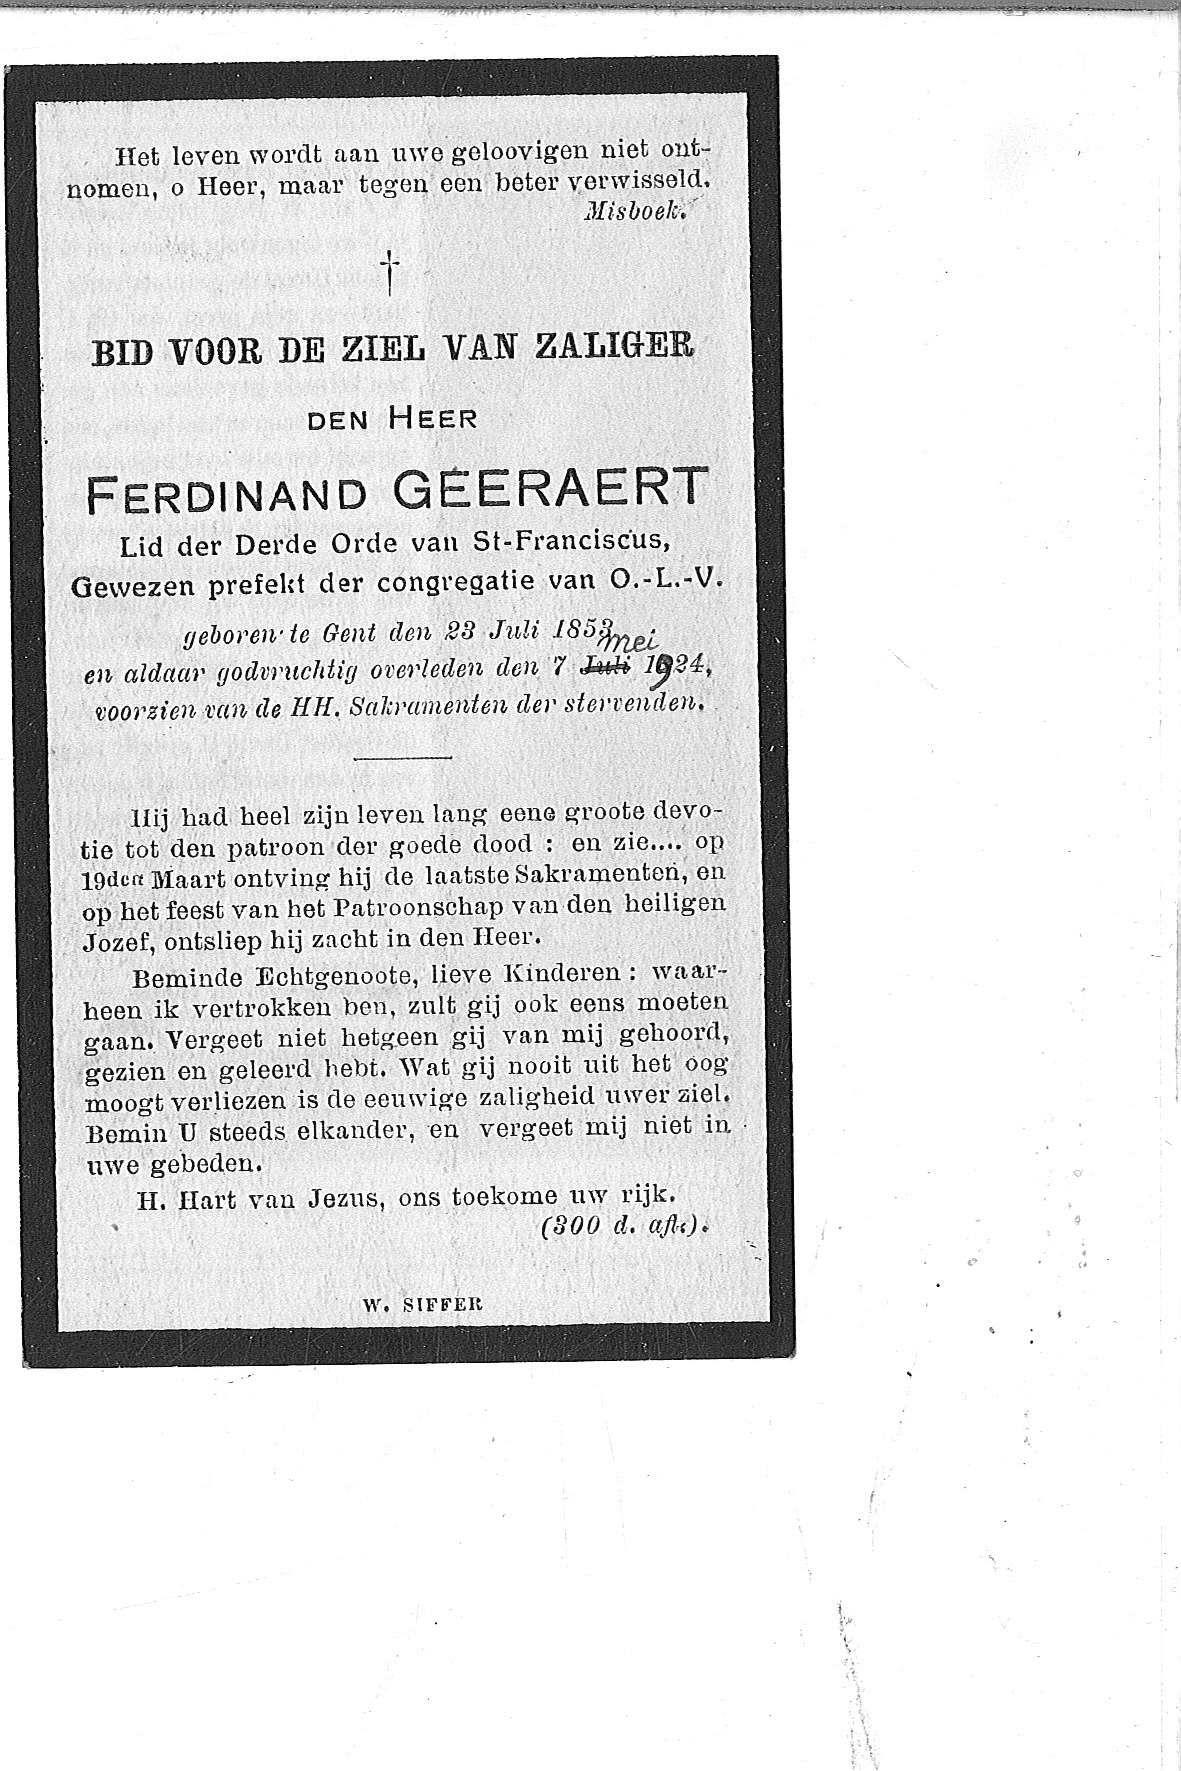 Ferdinand(1924)20130604133153_00022.jpg